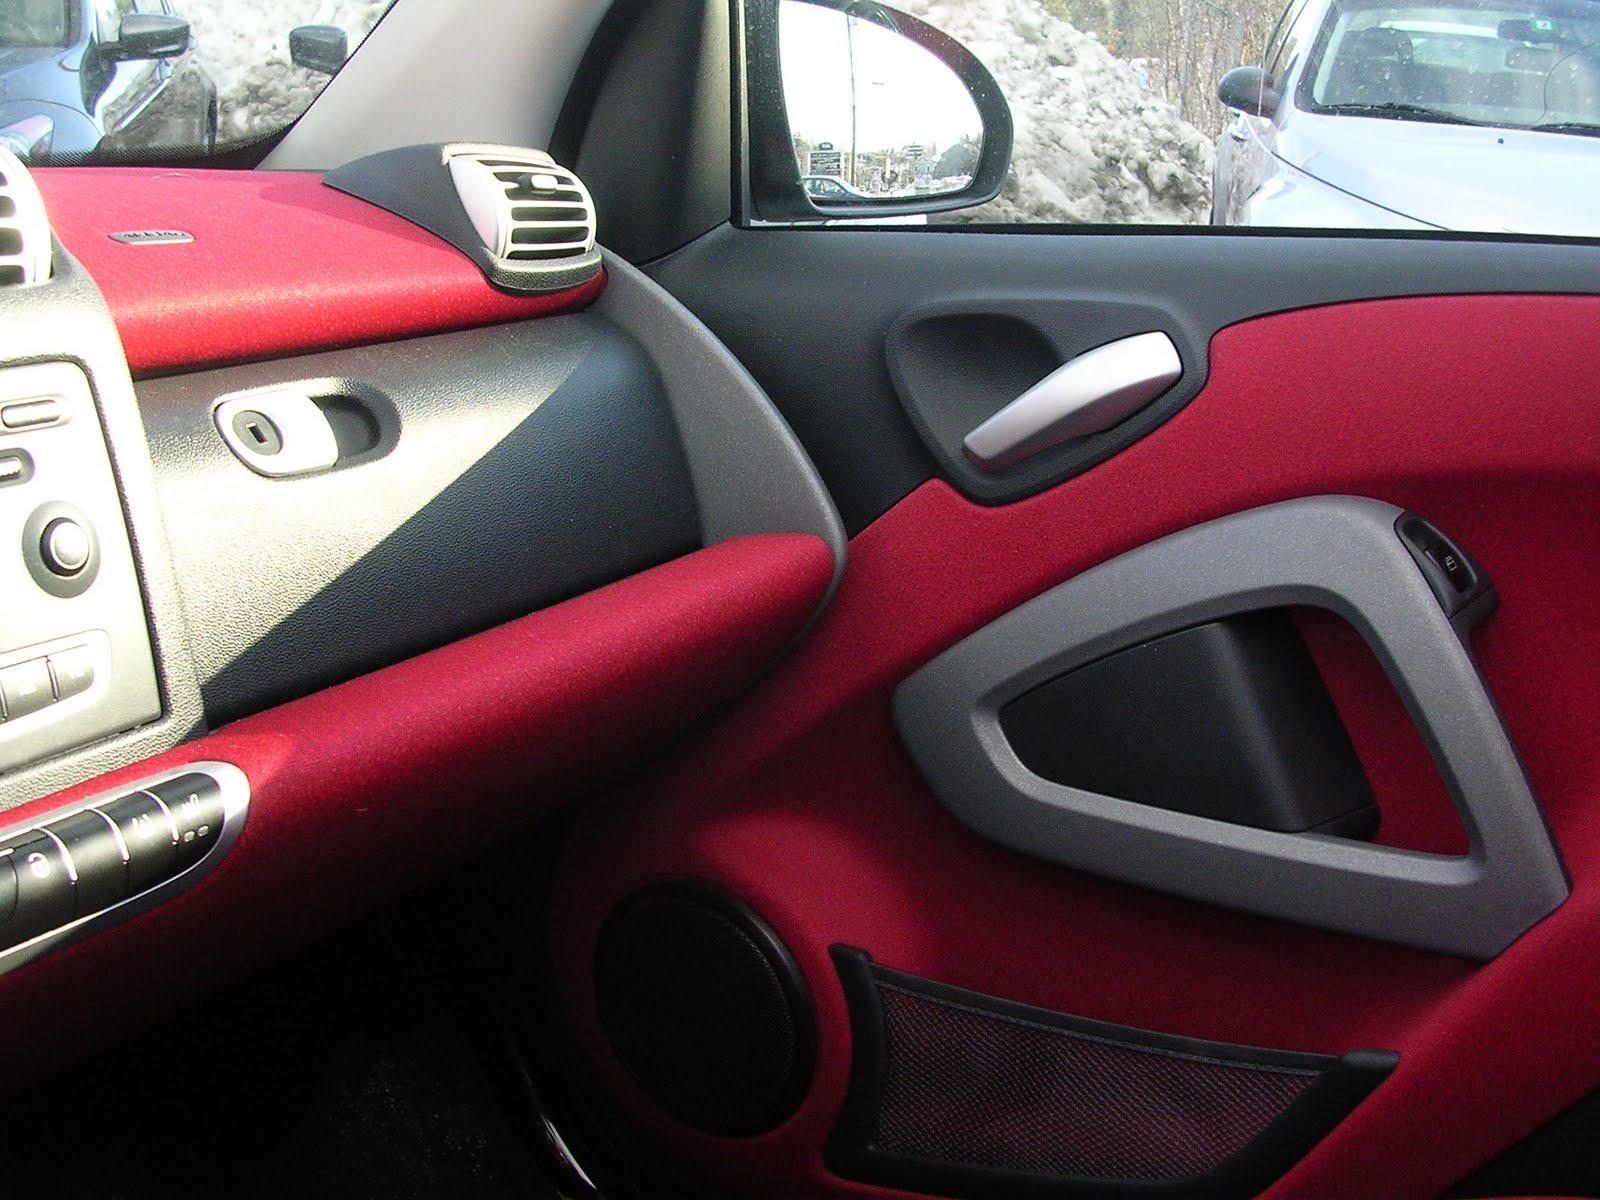 Autos http autos yahoo com smart fortwo 2009 passion cabriolet virtual tour html